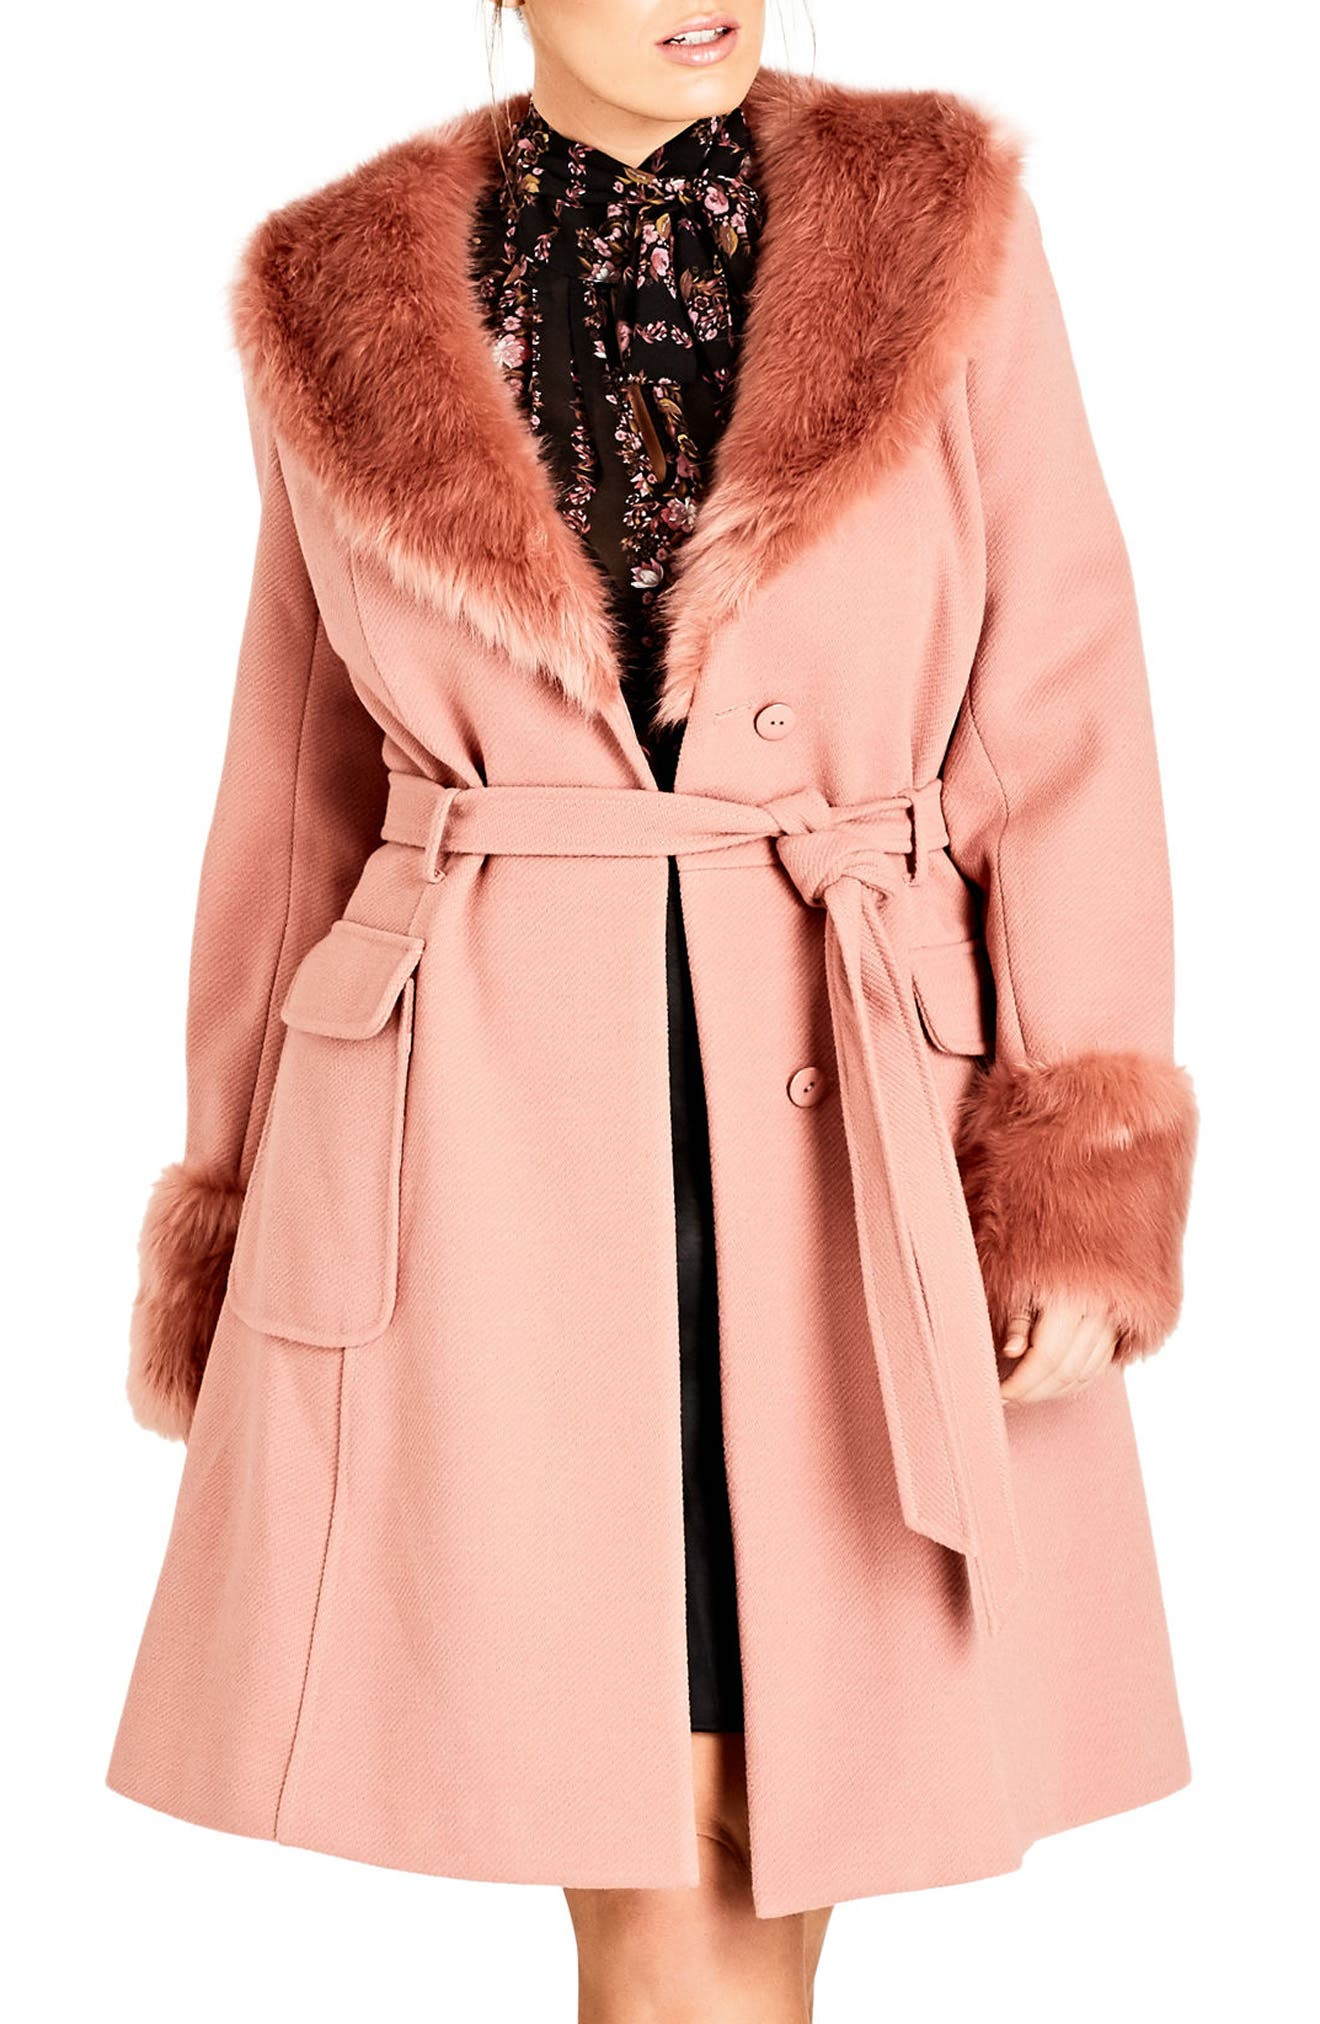 Make Me Blush Faux Fur Peacoat,                         Main,                         color, Blush